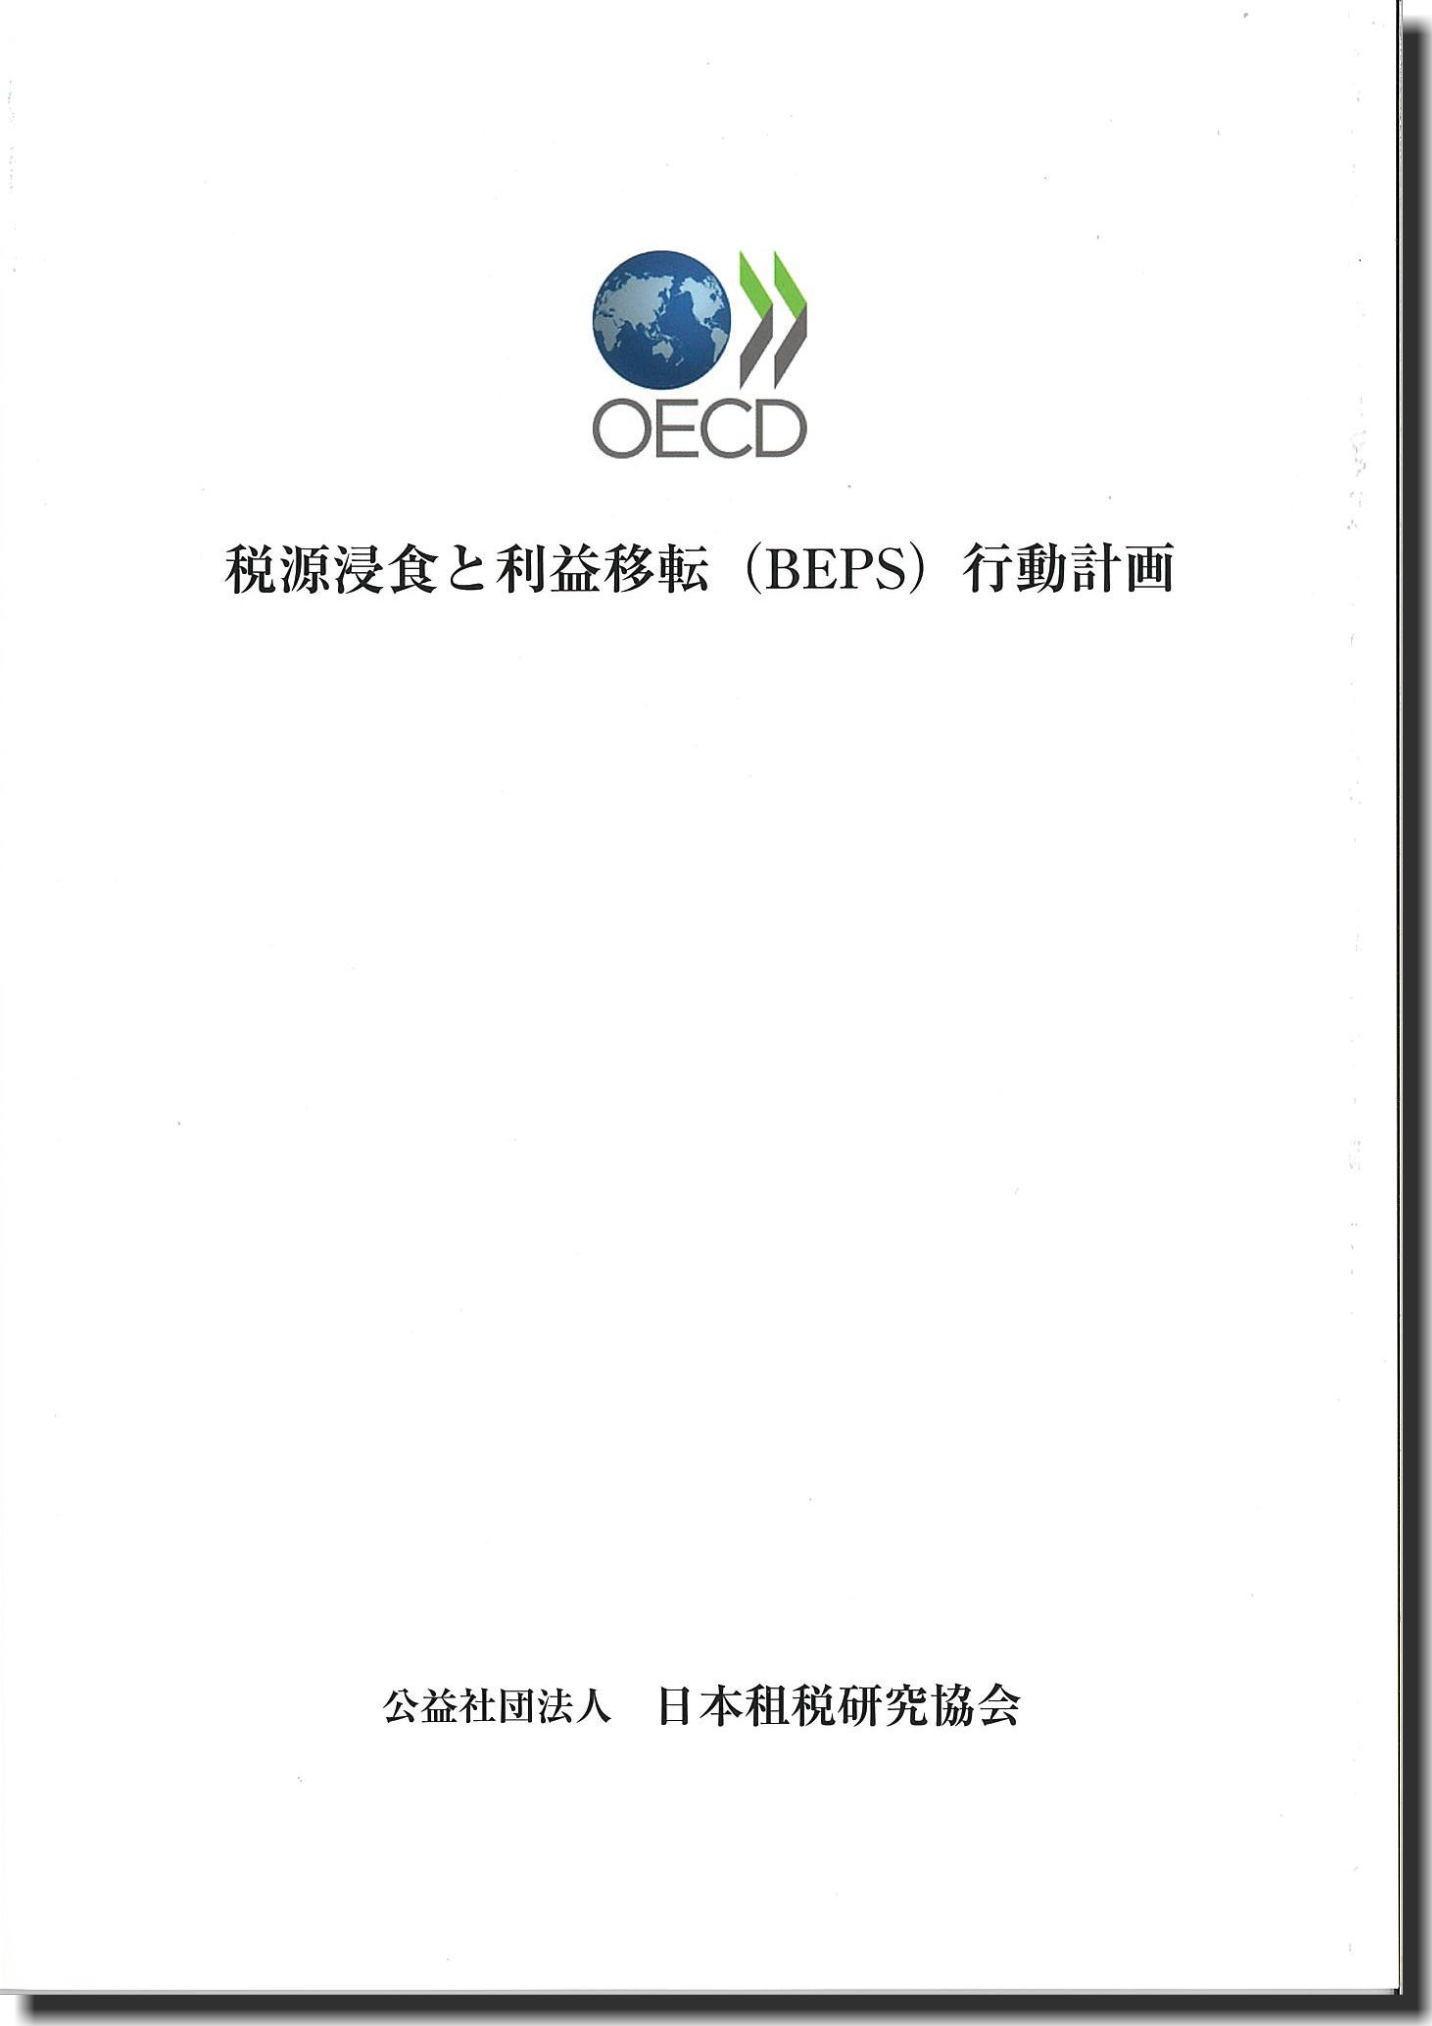 OECD 税源浸食と利益移転(BEPS)行動計画